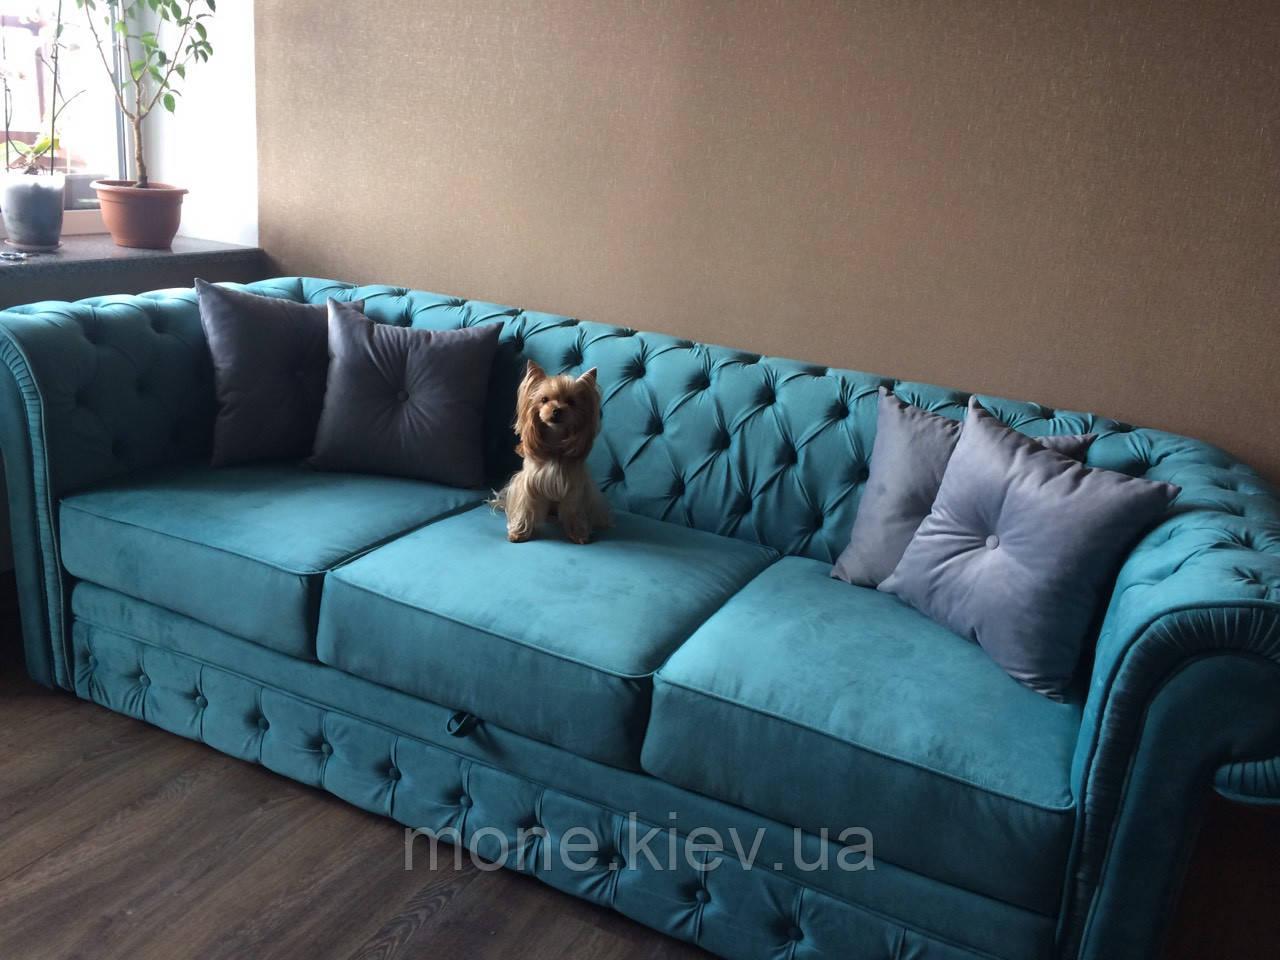 Класичний диван Честер з розкладкою для щоденного сну